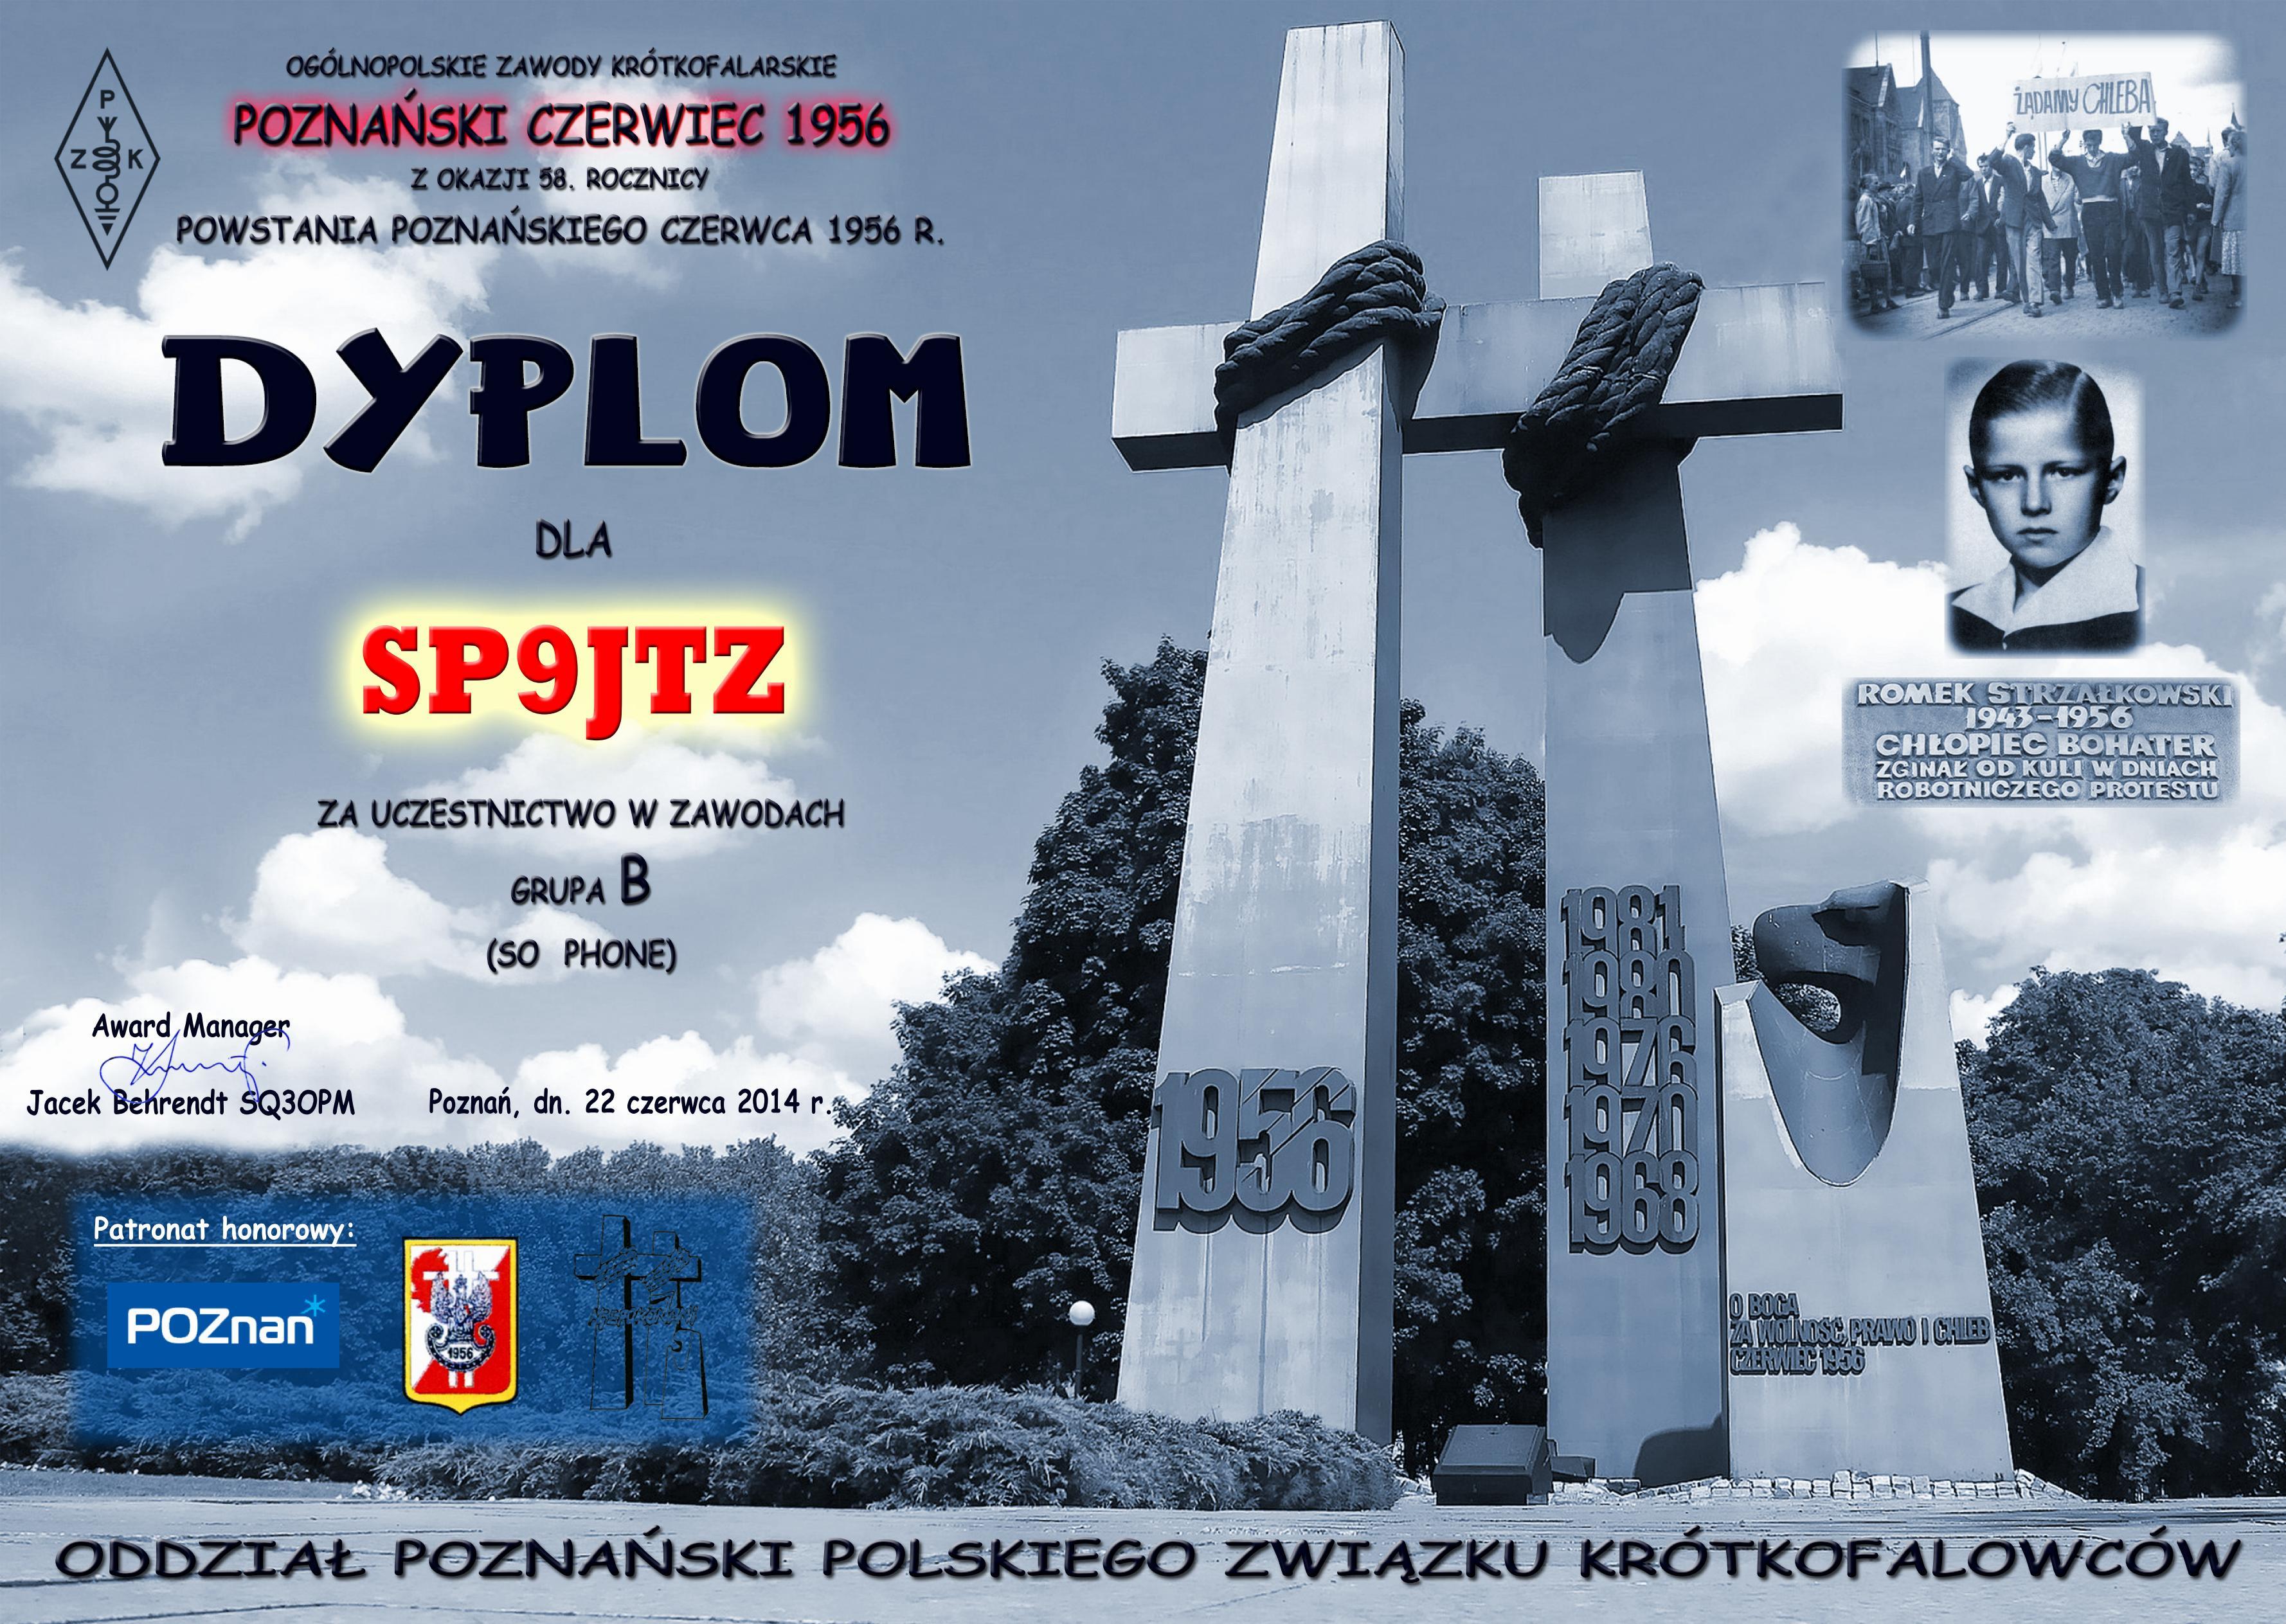 Poznanski czerwiec 2014